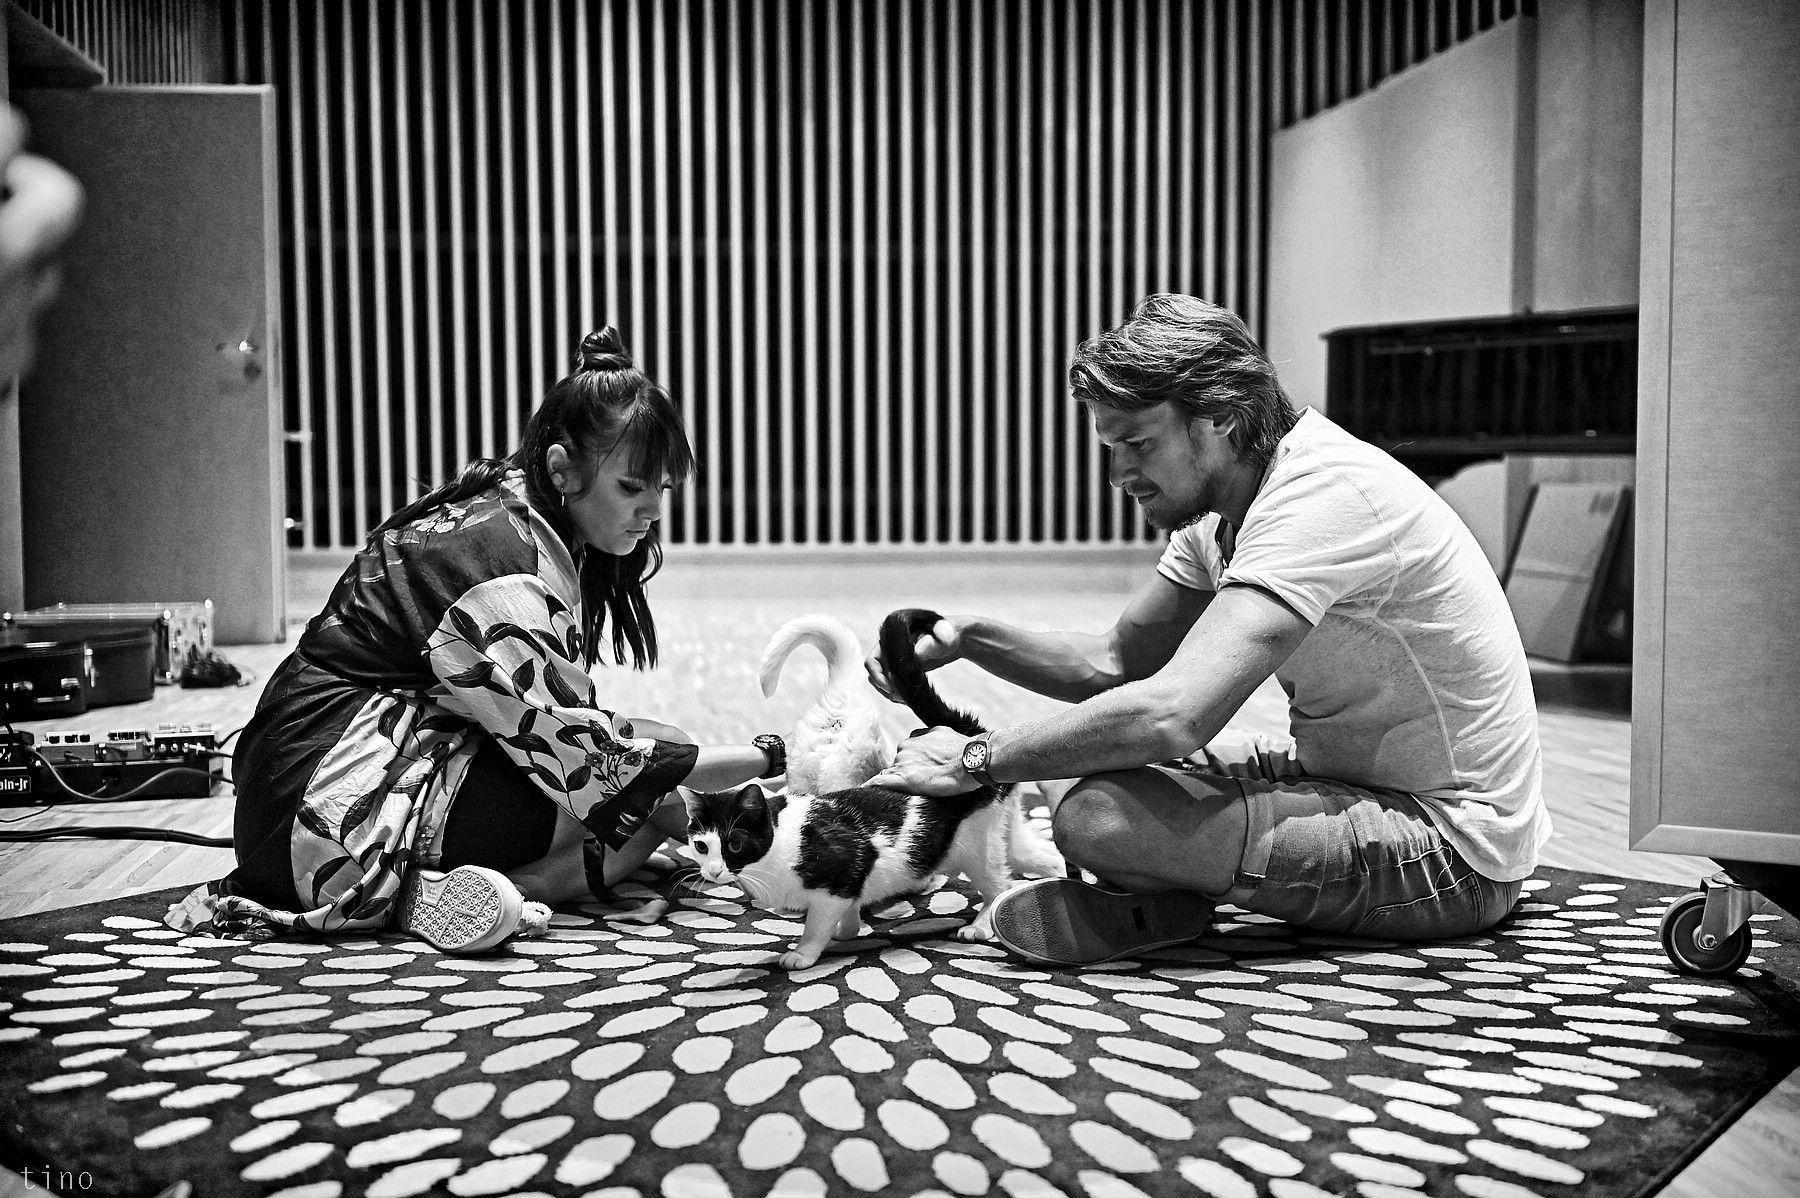 Vojtěch Dyk a Ewa Farna vydávajú prvú lastovičku z veľkolepého projektu Folk Swings. Pieseň KOČKY je súčasťou unikátneho albumu, ktorá vychádza 30. októbra